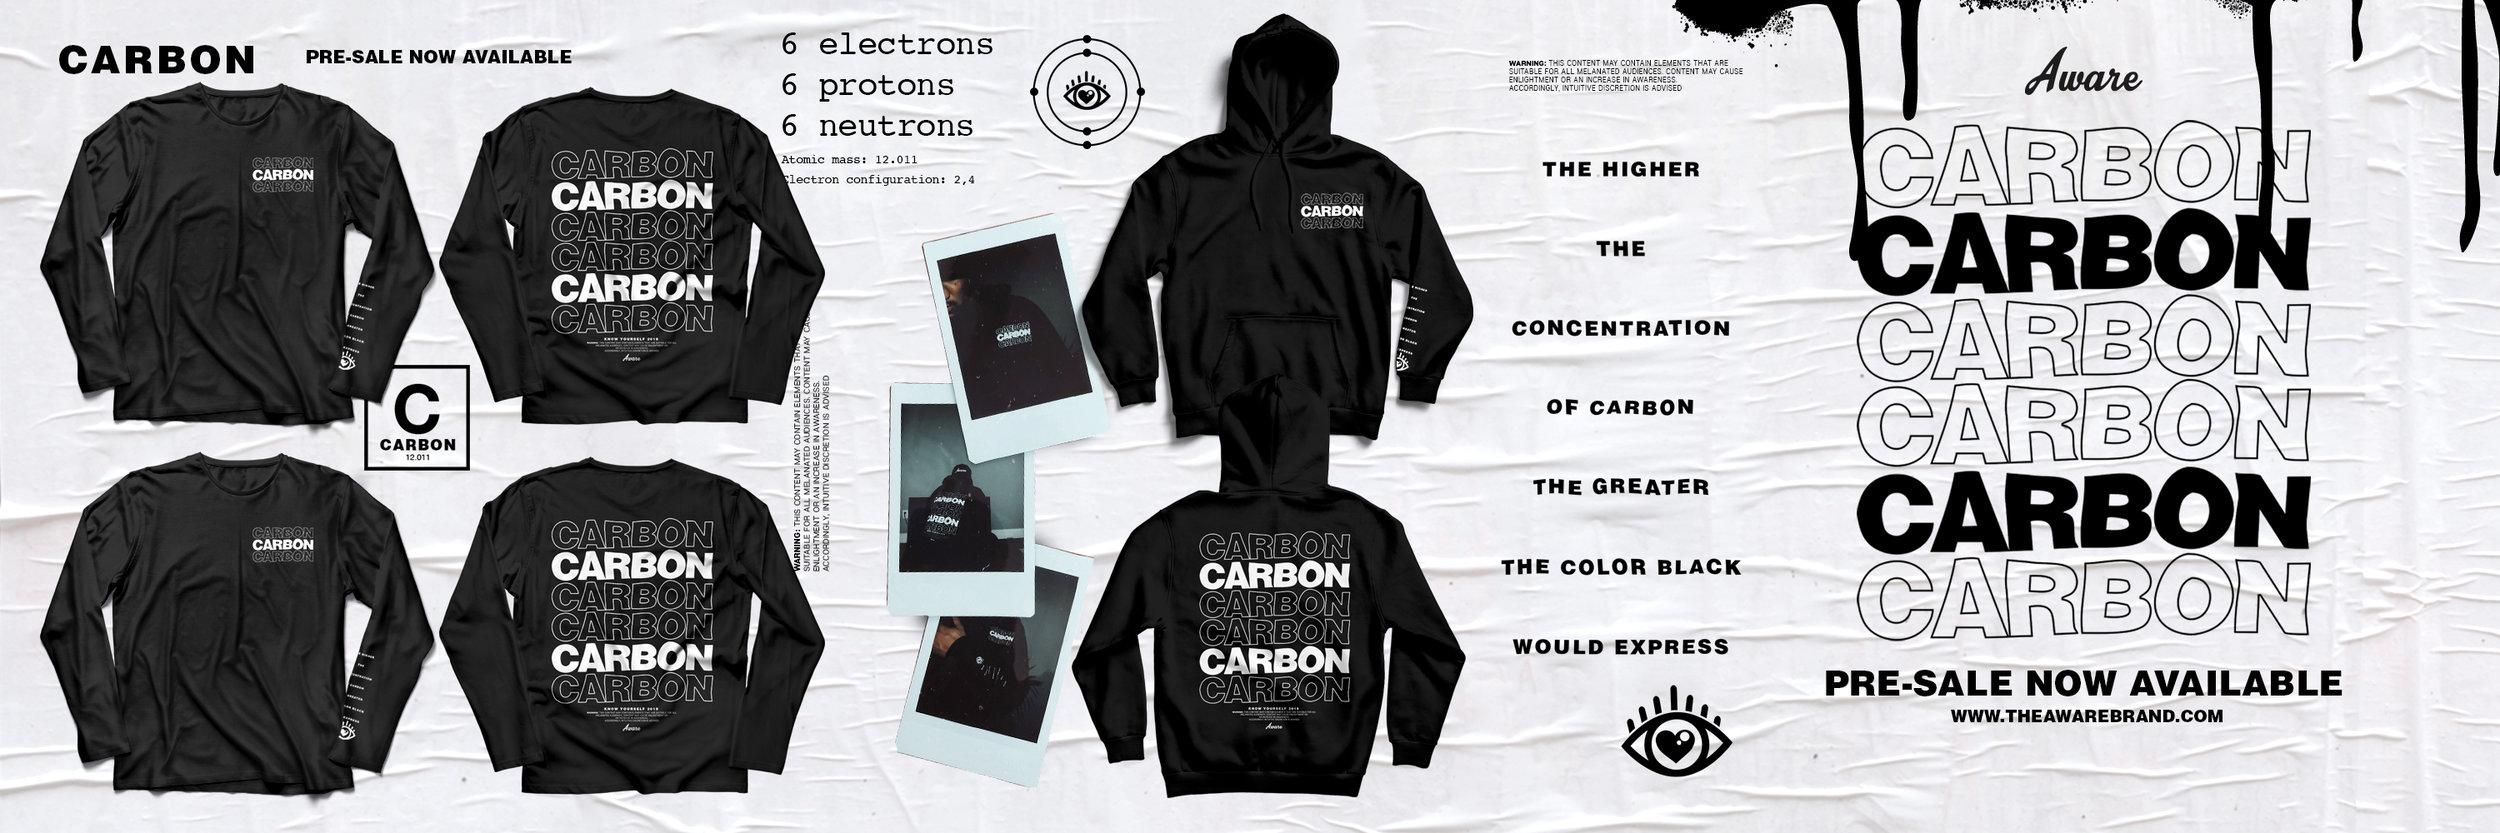 carbon-presale-graphic.jpg